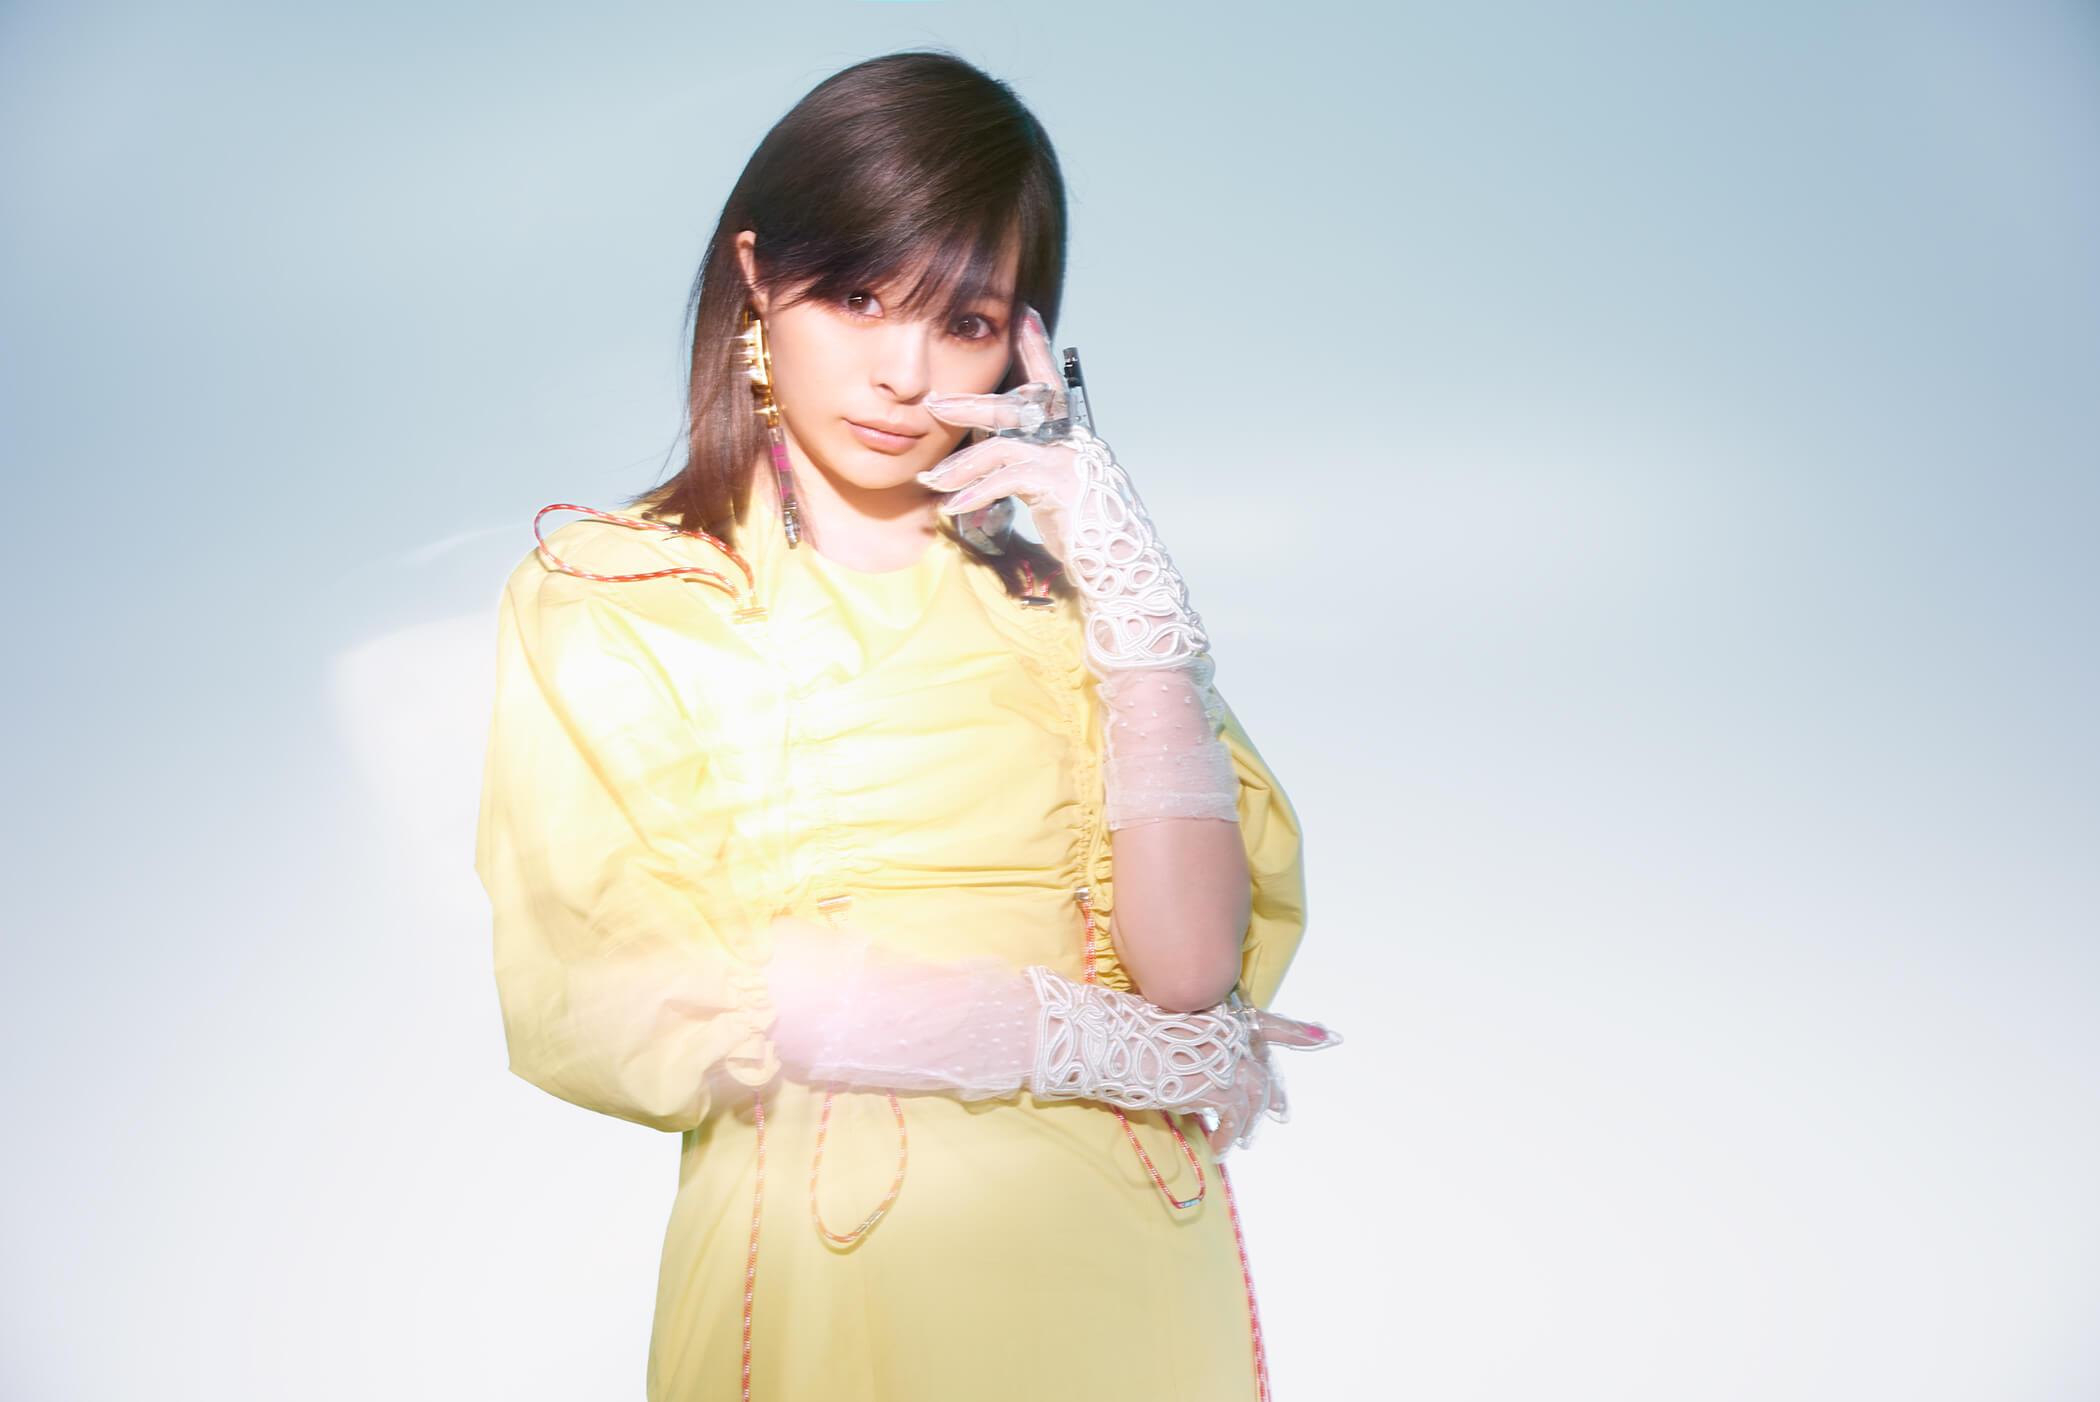 2018.2.17縺阪c繧翫・縺ッ繧壹∩繧・・繧壹∩繧・5345_04_2100